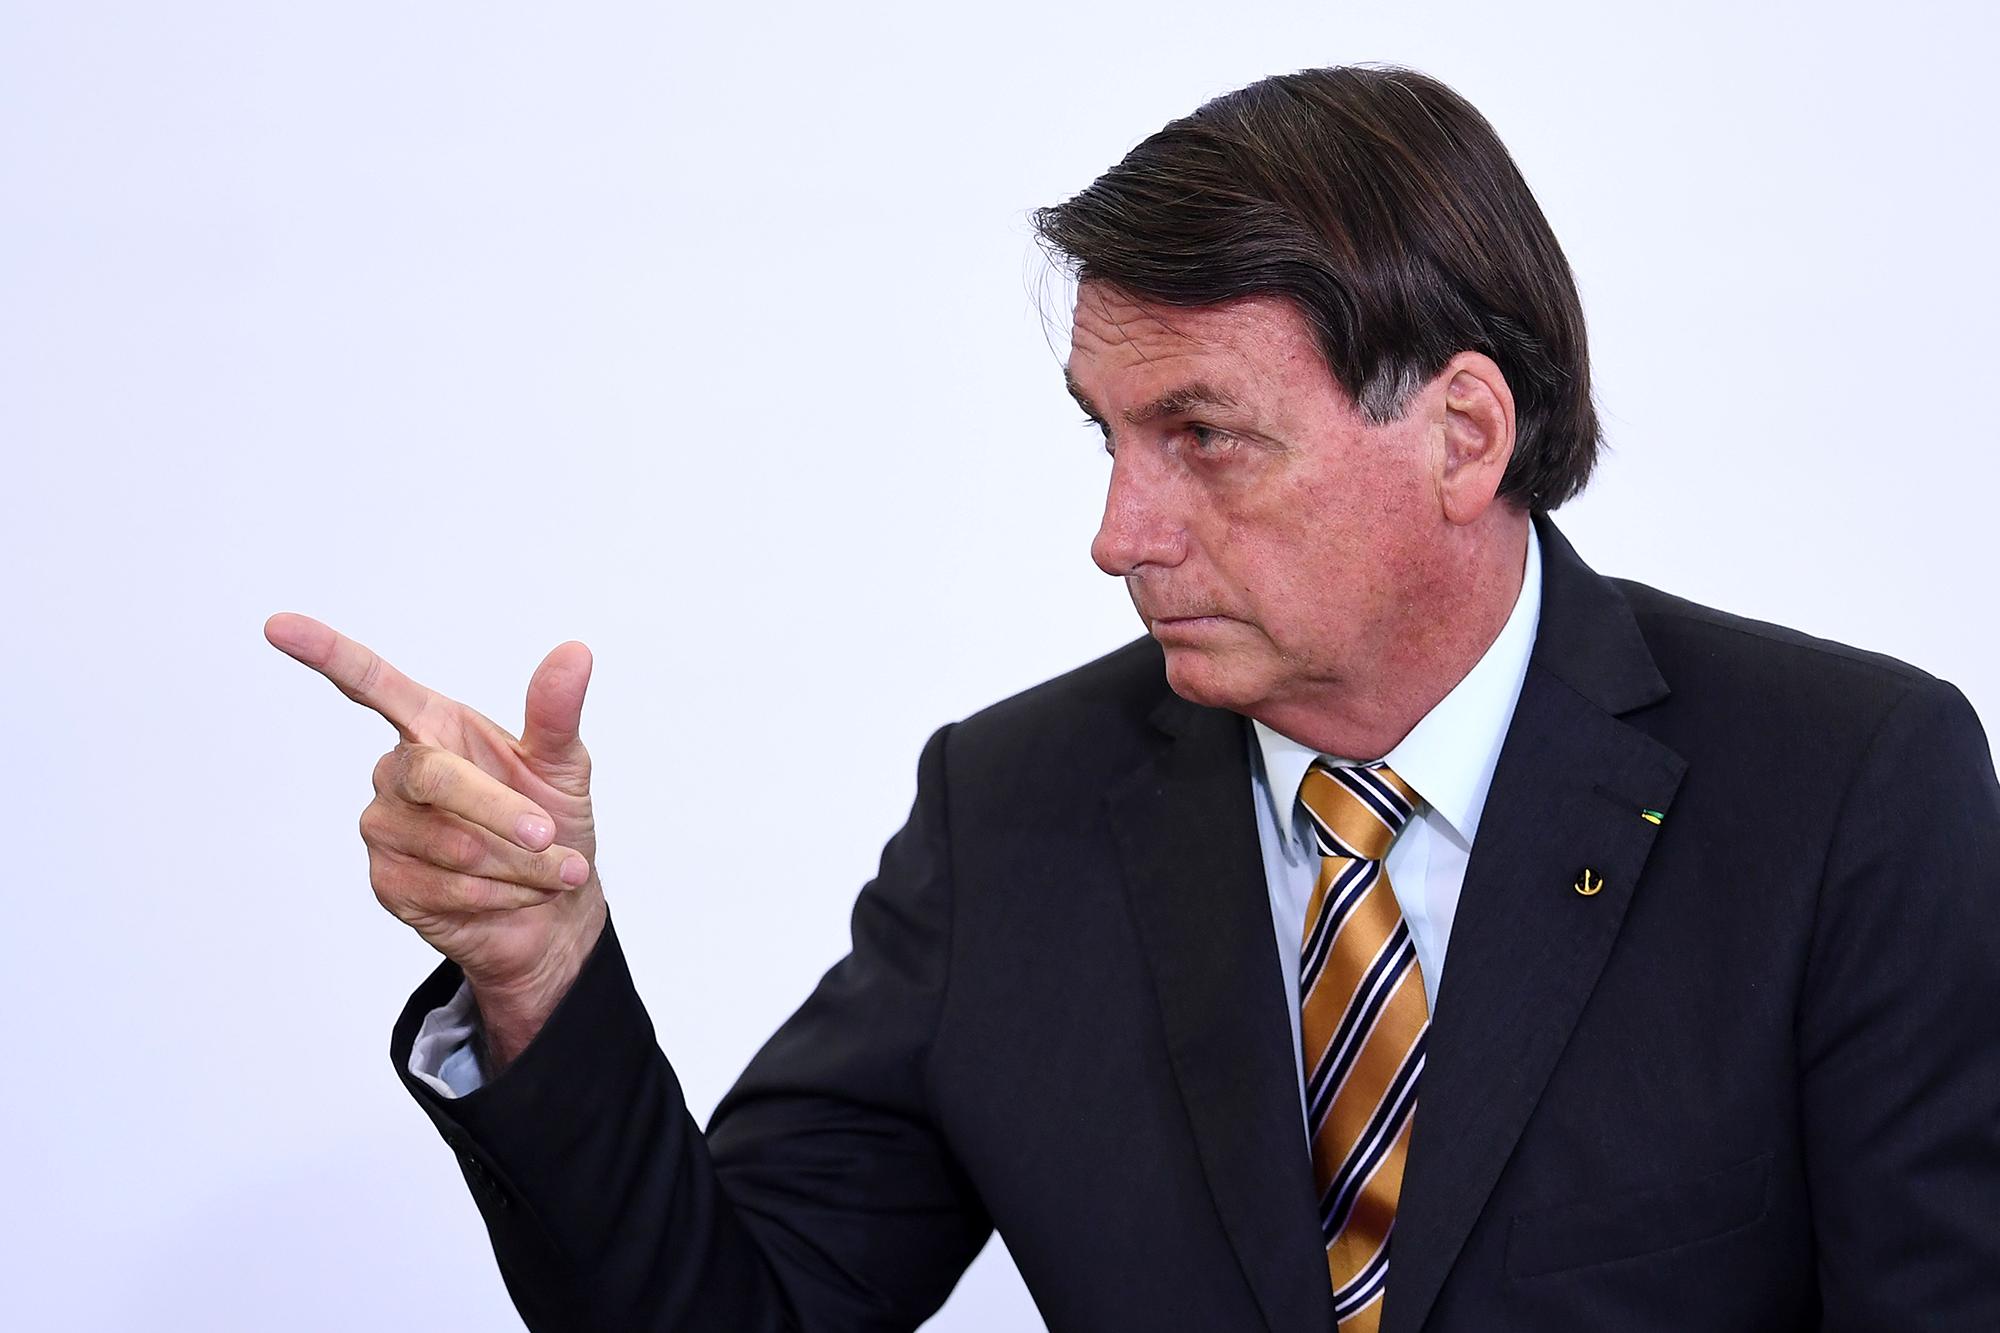 """""""Epidemia de desilusión"""". El mensaje en Twitter de Jair Bolsonaro contra el gobierno de Alberto Fernández"""